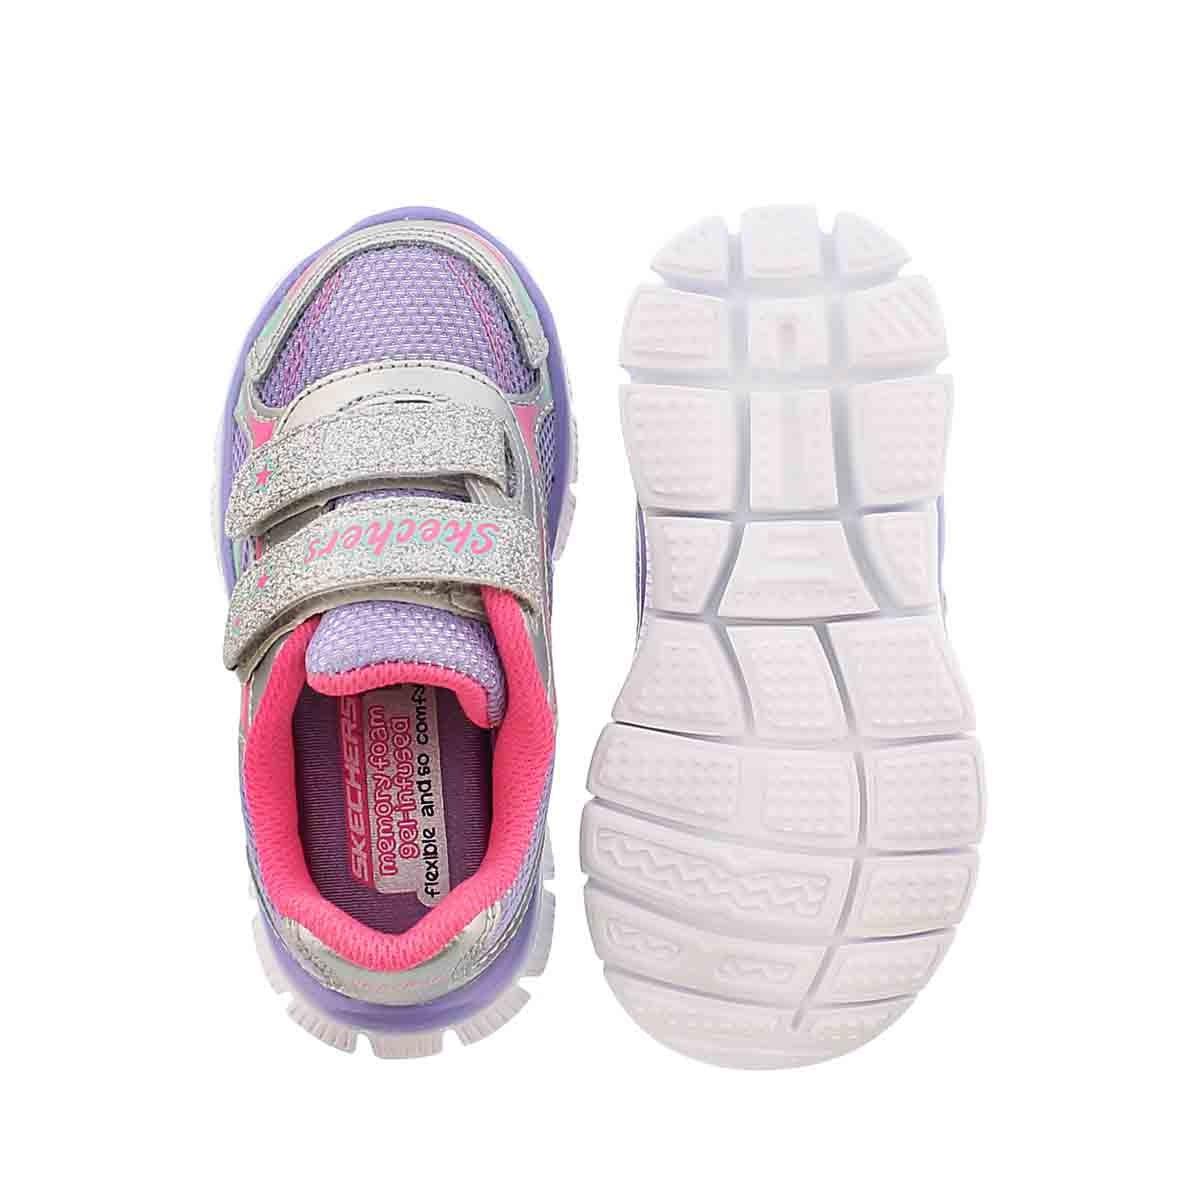 Inf Skech Appeal silver/ppl/pnk sneaker